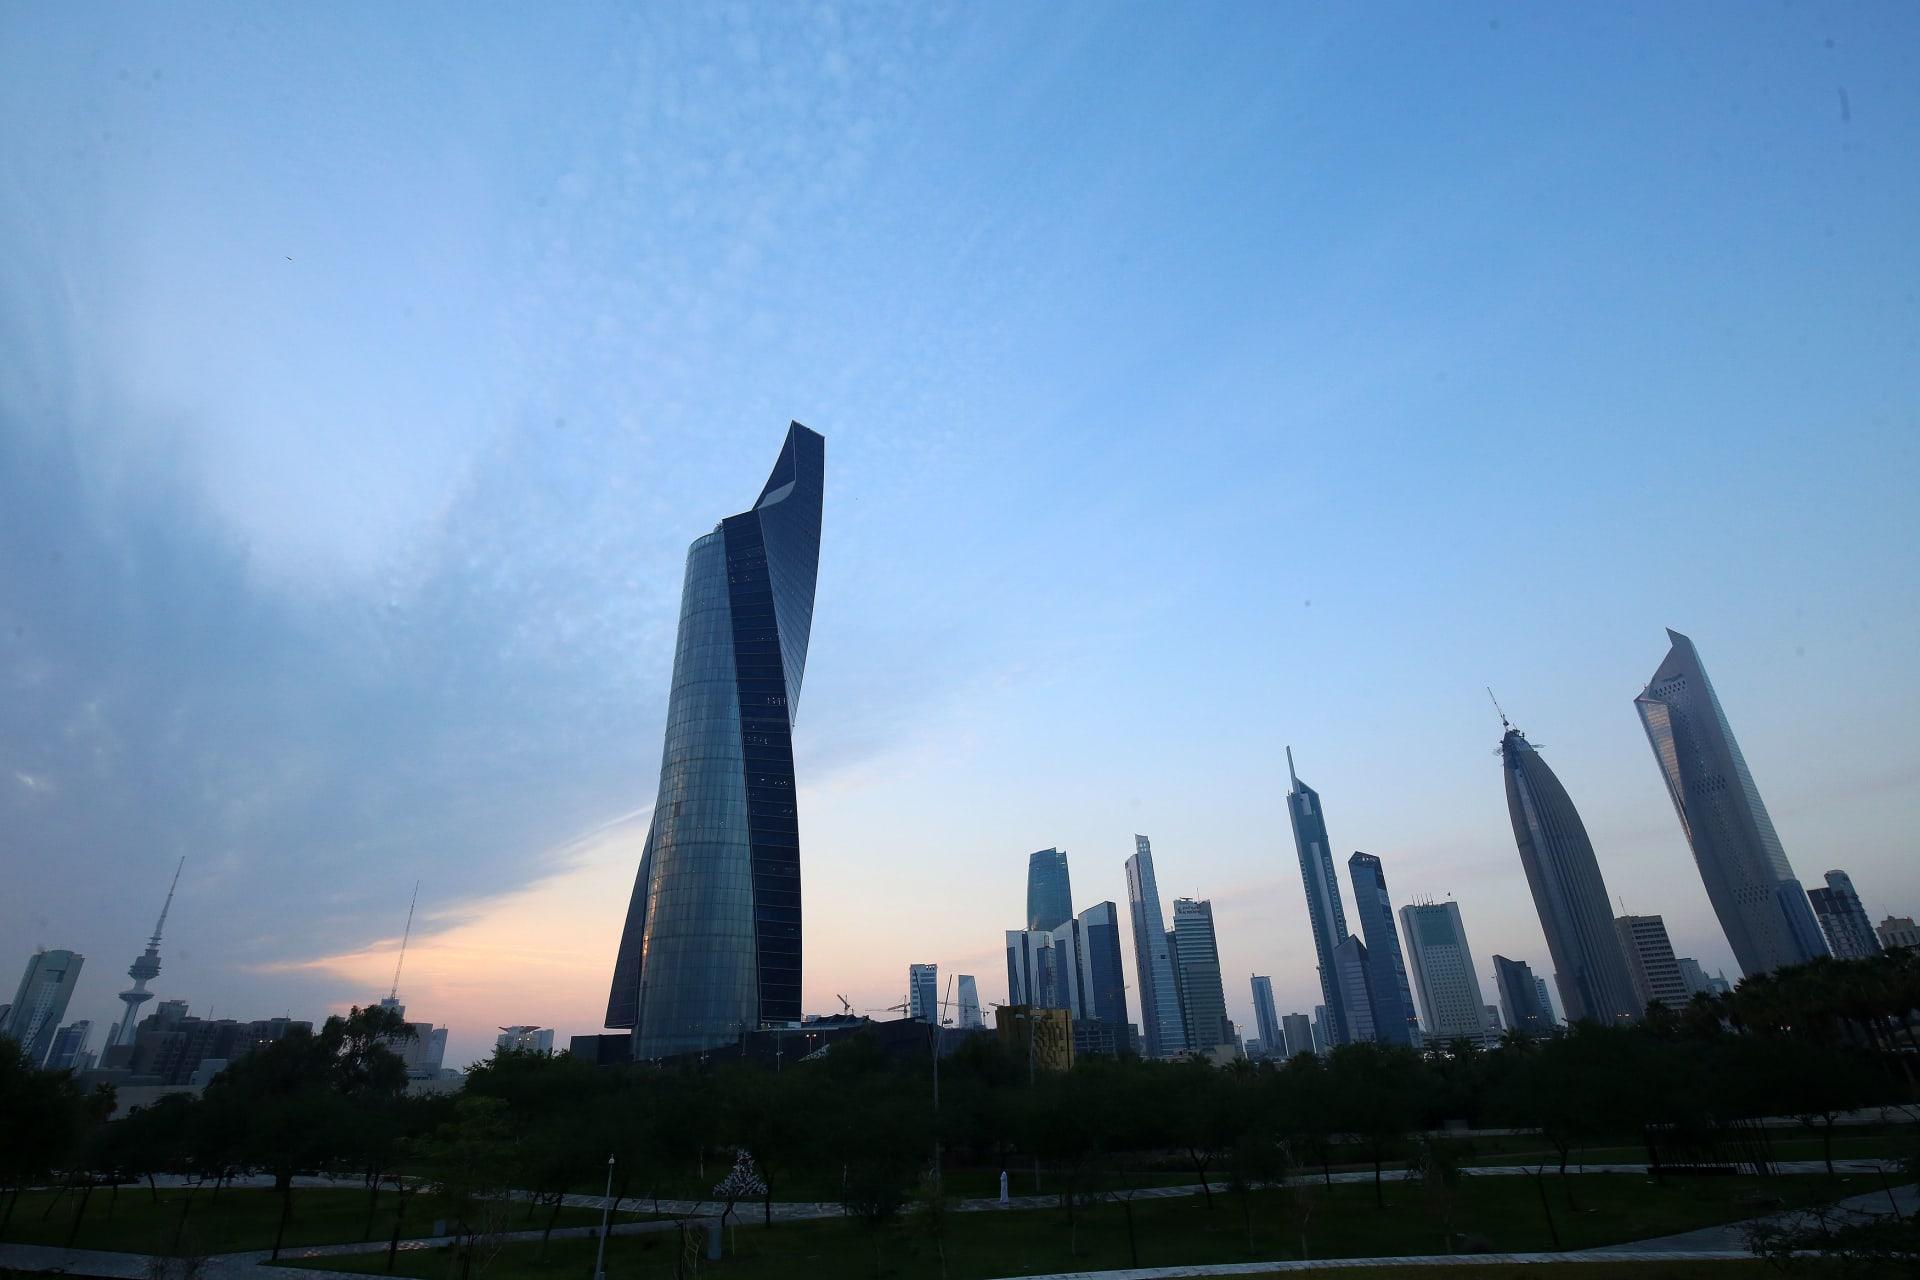 مسؤول: الكويت توجه 12.5 مليار دولار لمشروعات تنموية